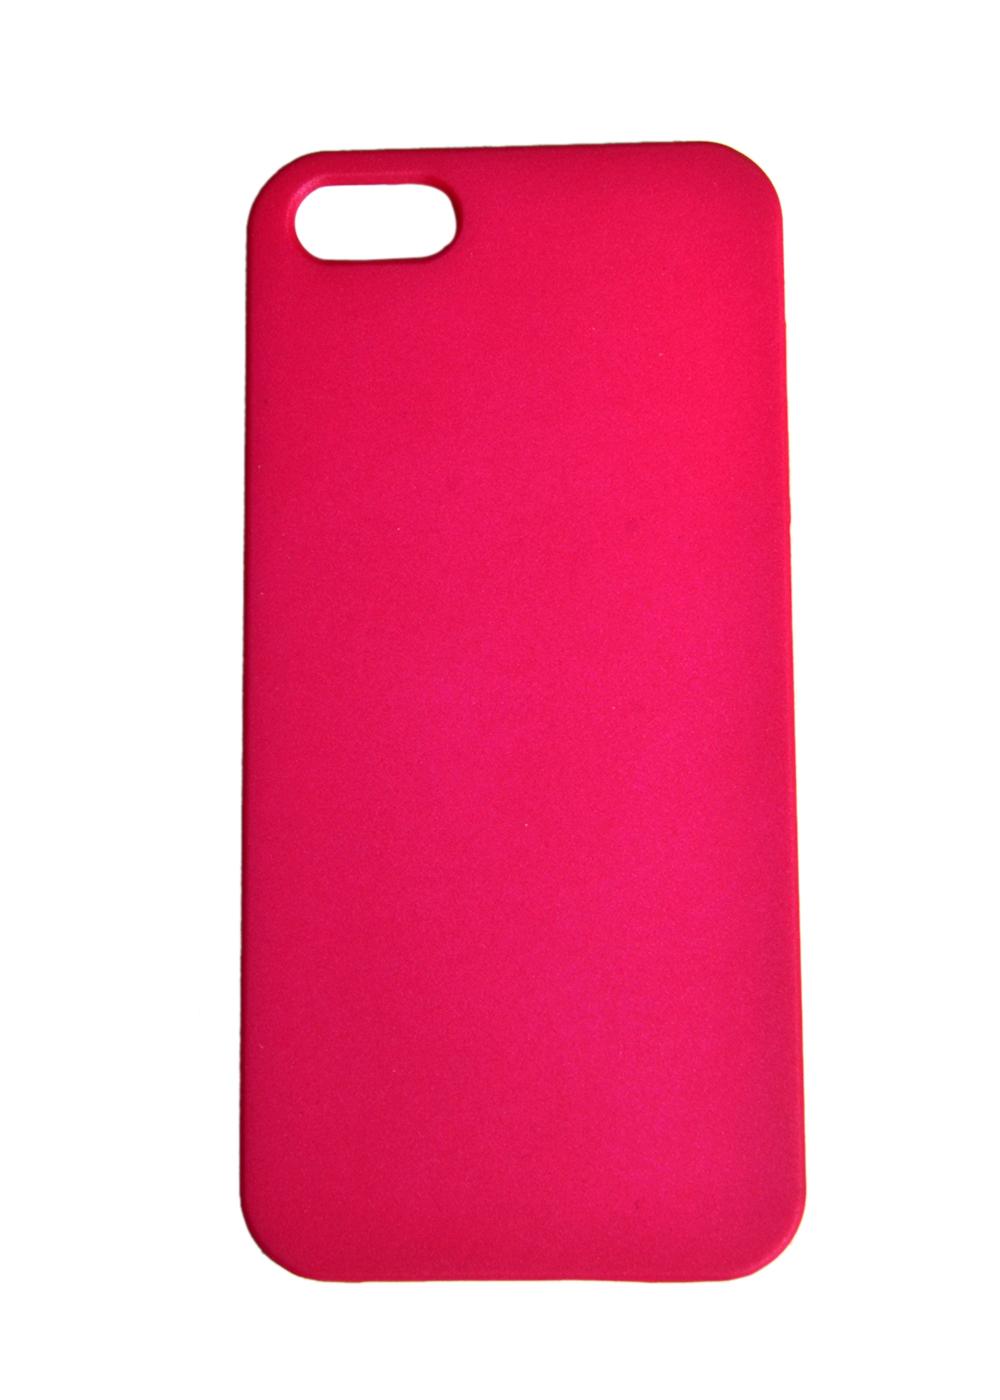 Digitek Case for iPhone 5 Image